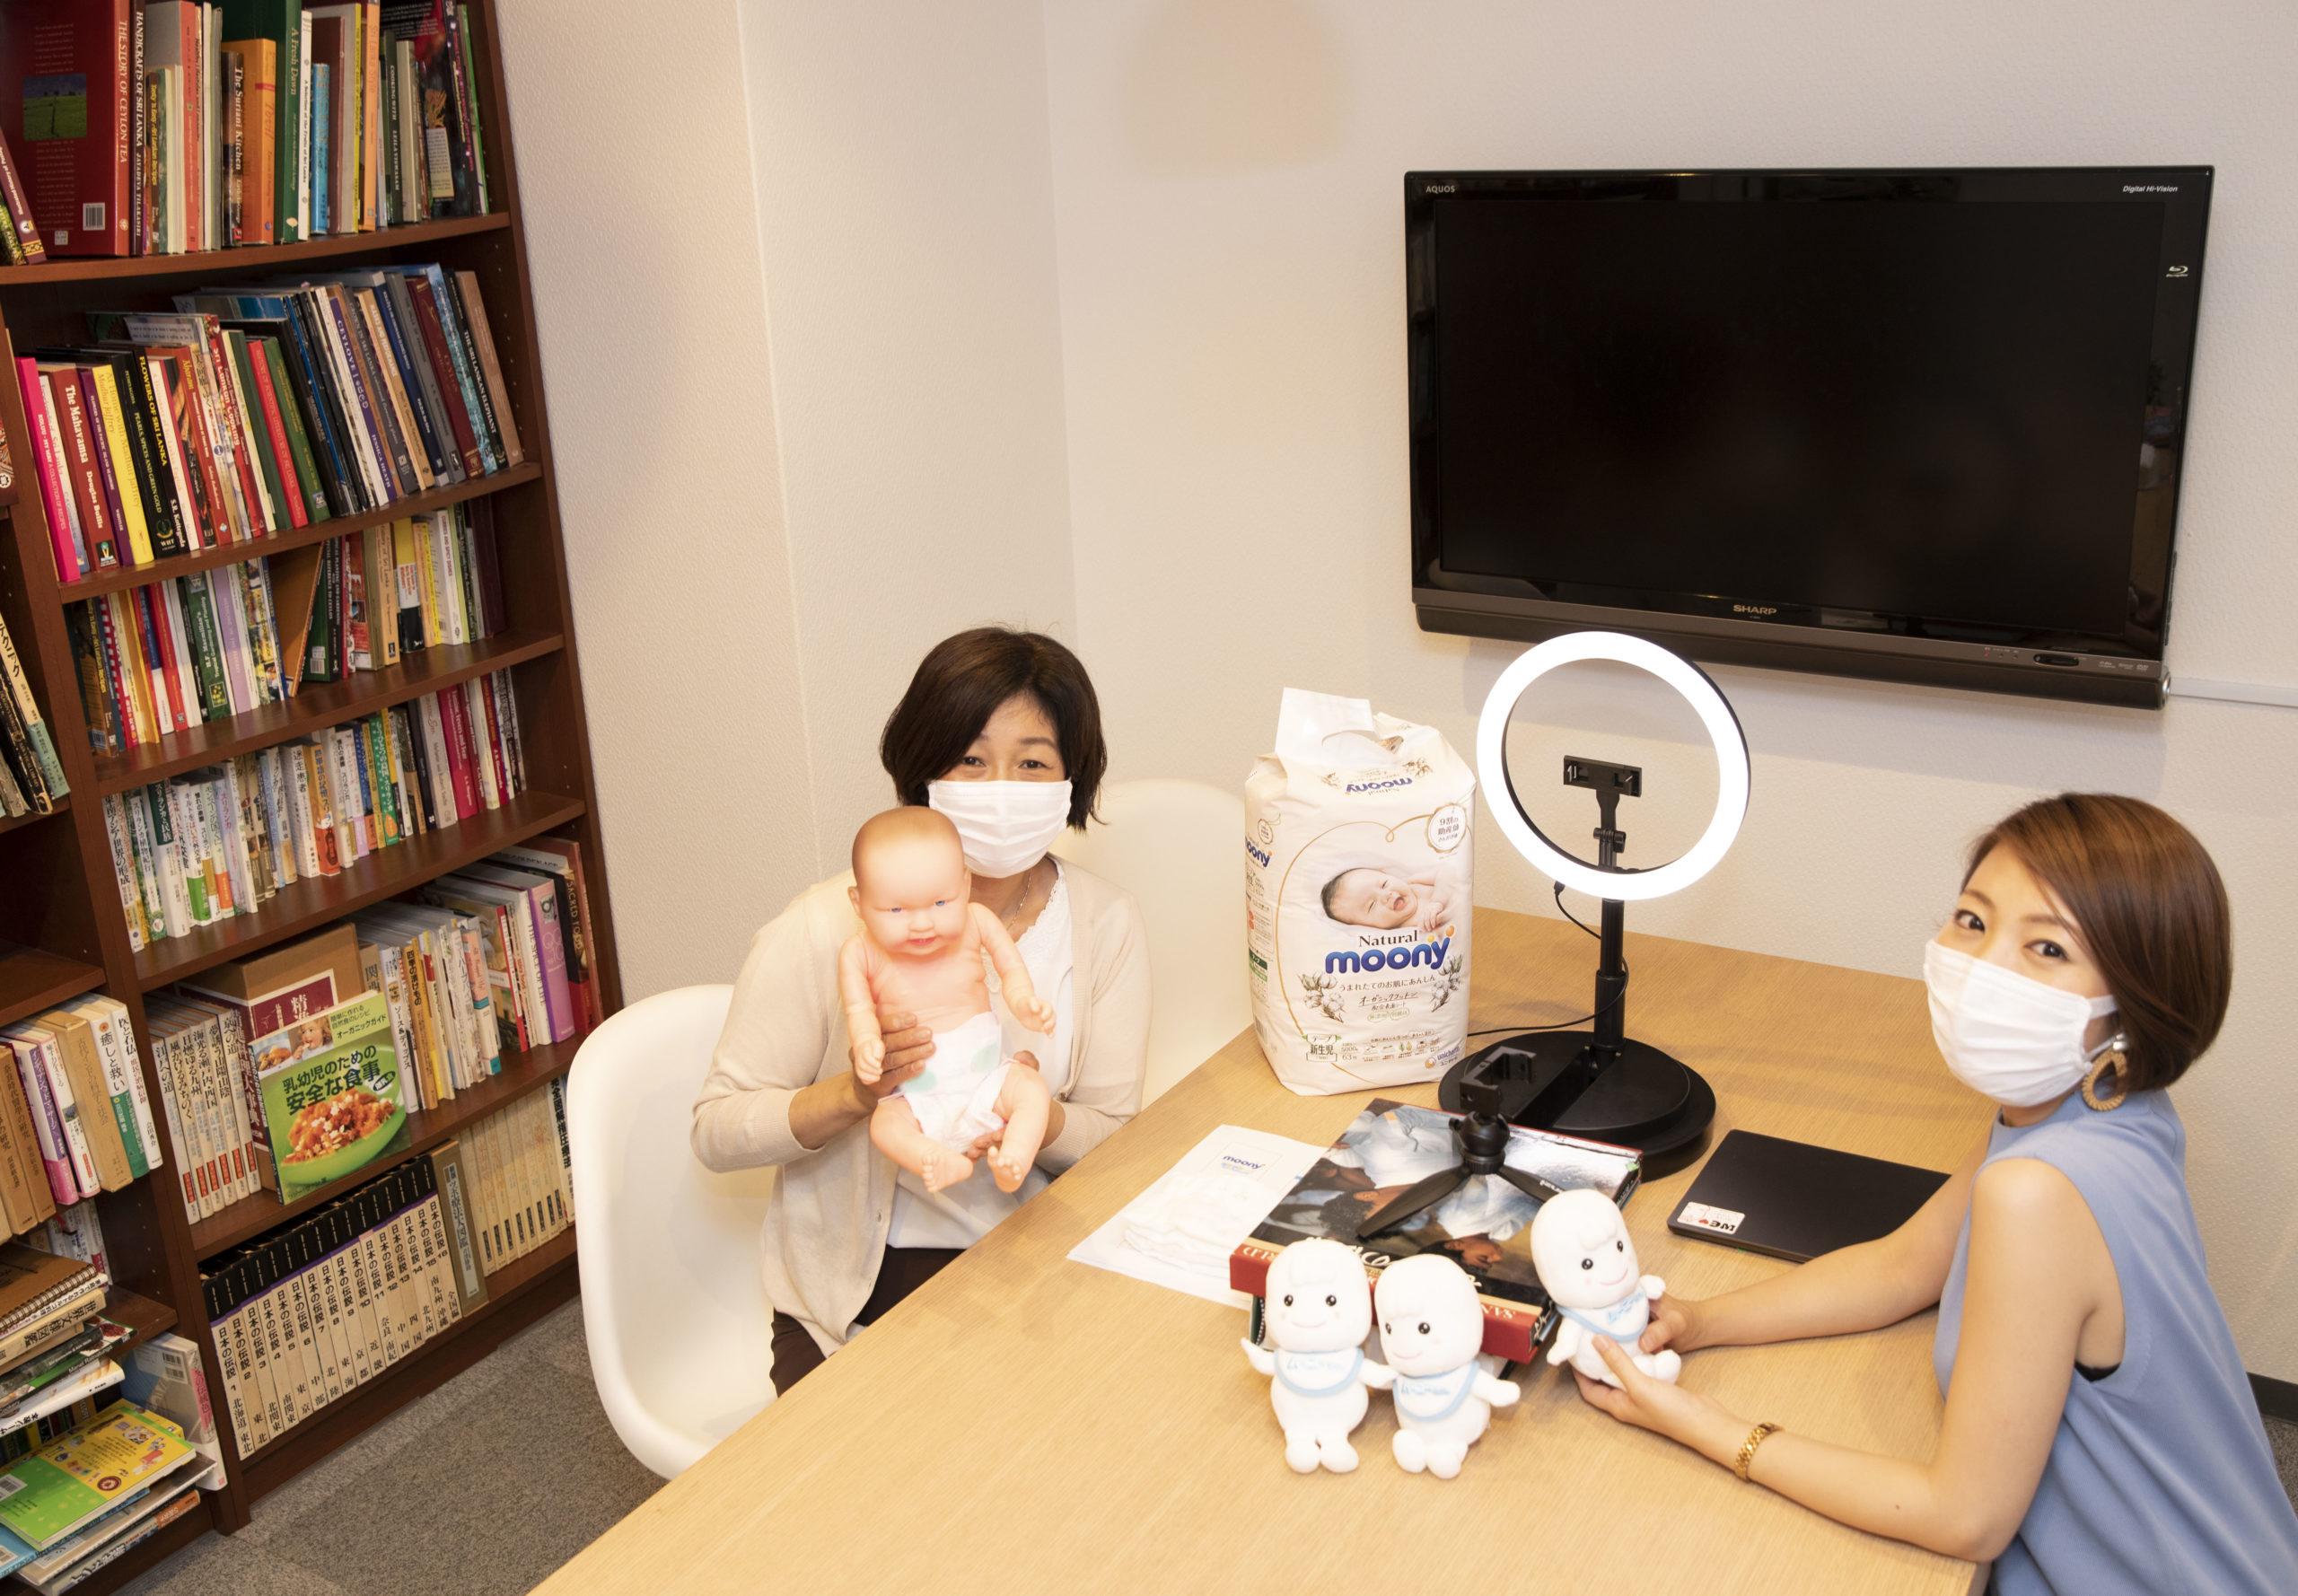 6月27日(土)より株式会社ユニ・チャームとのオンライン両親学級プロジェクトがスタートいたします。